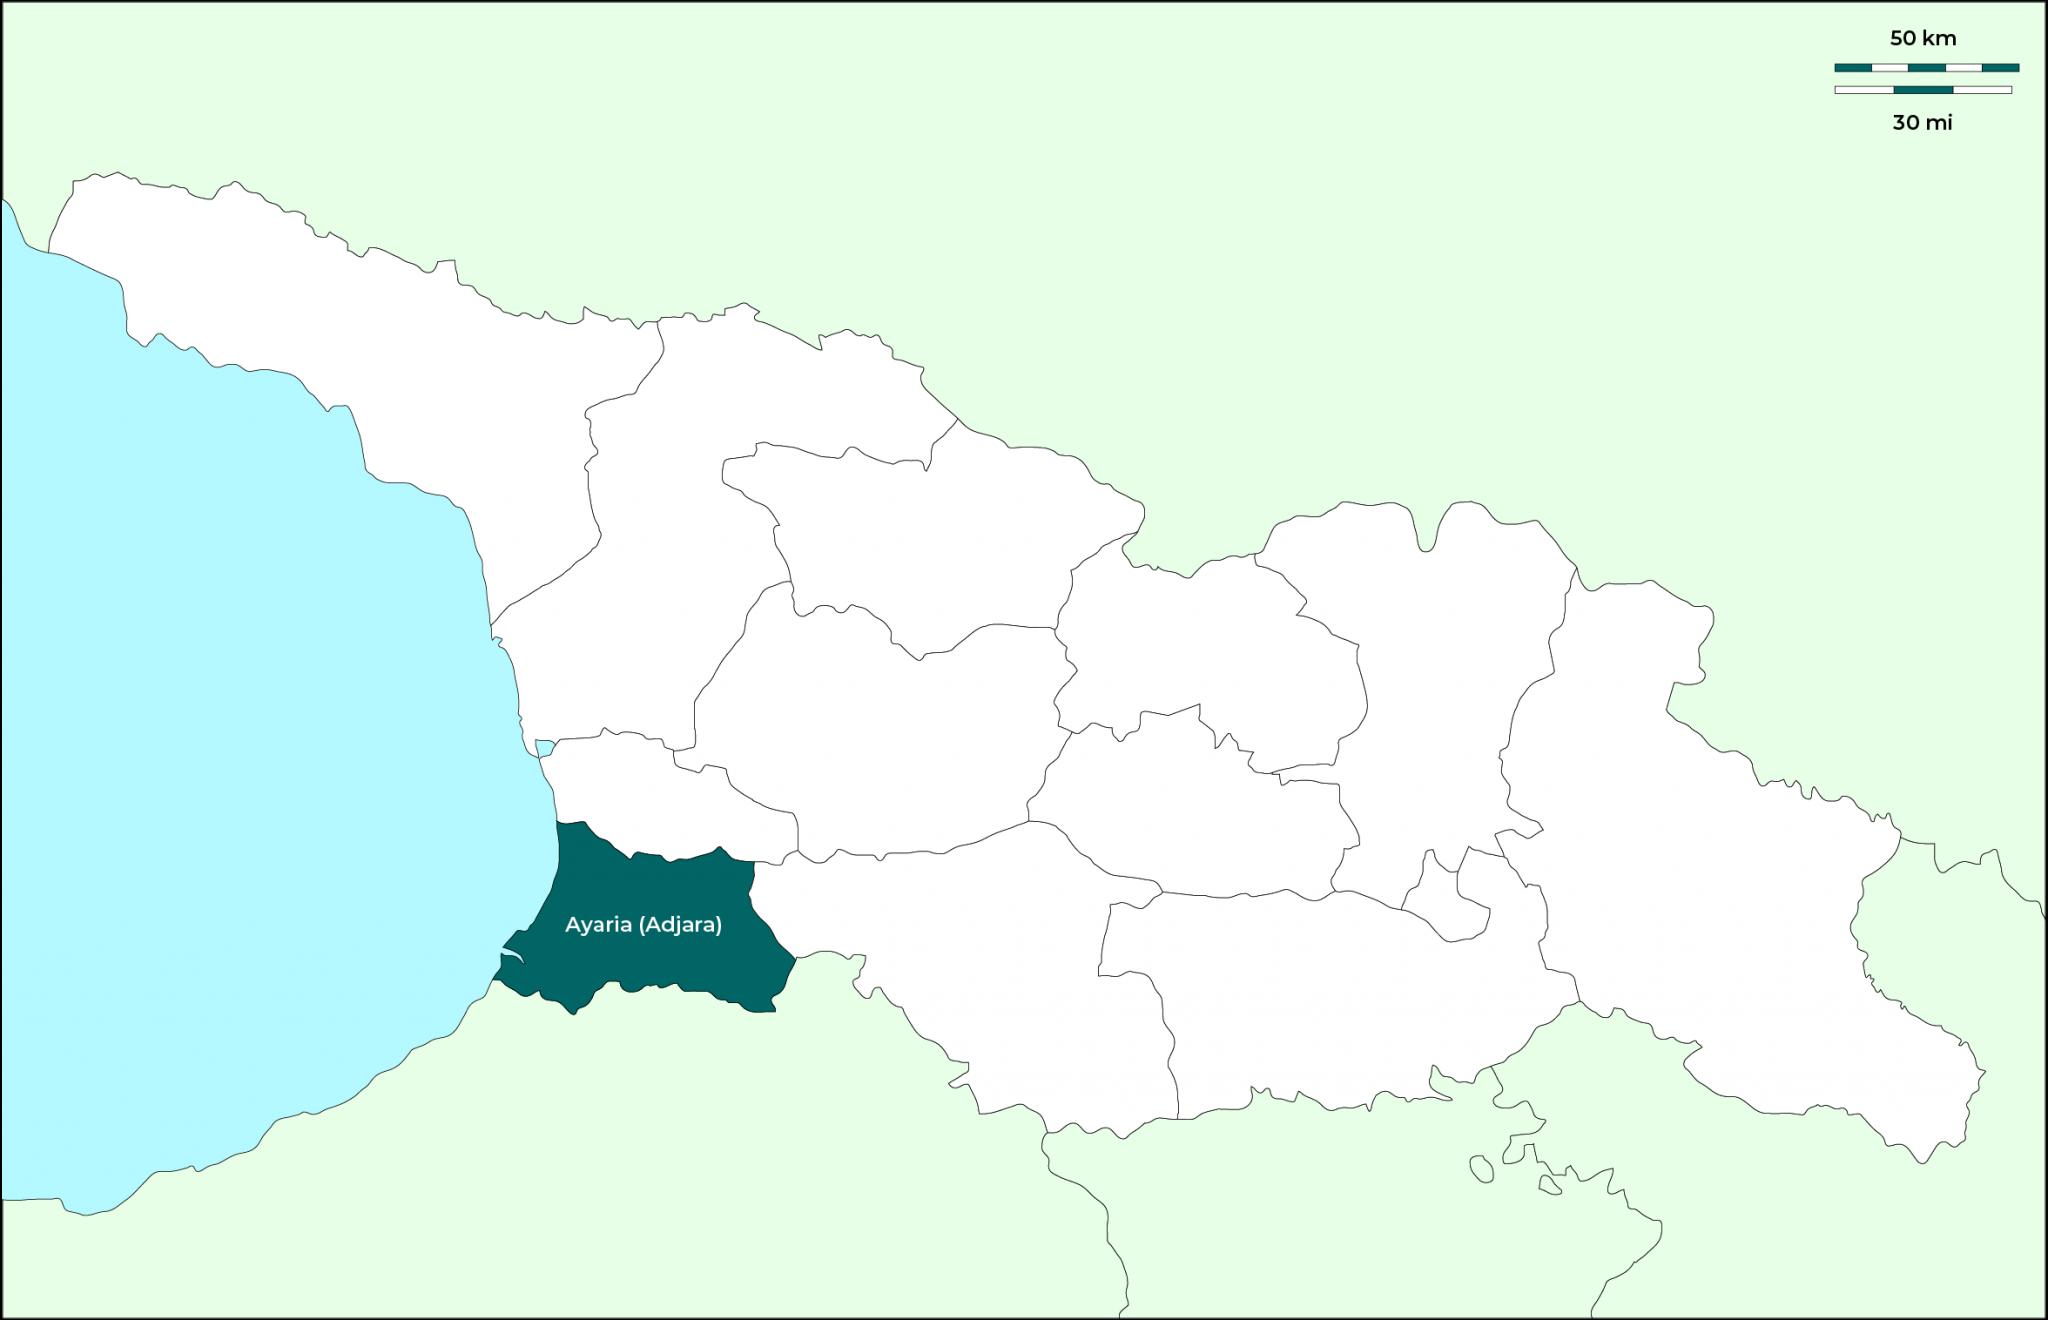 Región de Ayaria (Adjara): Mapa